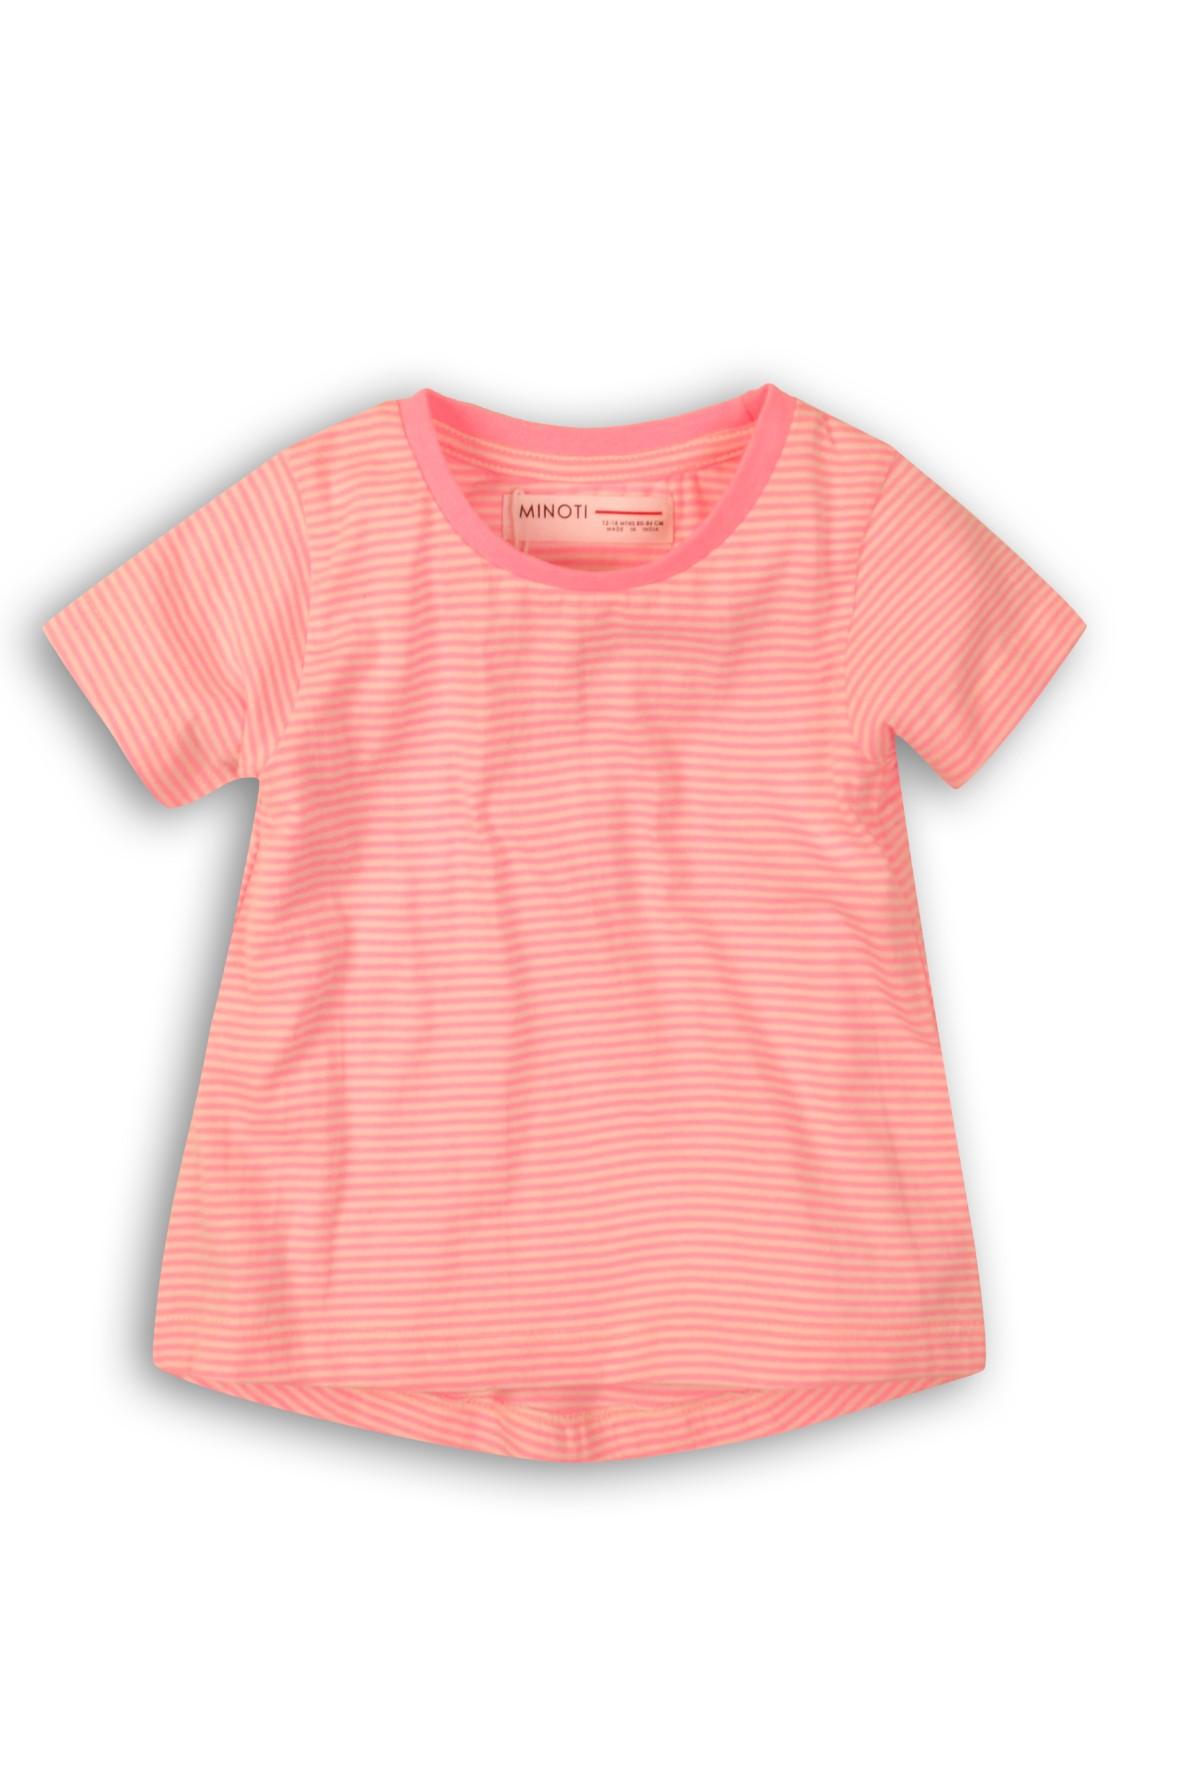 T-shirt dzianinowa dla dziewczynki- różowy w paski